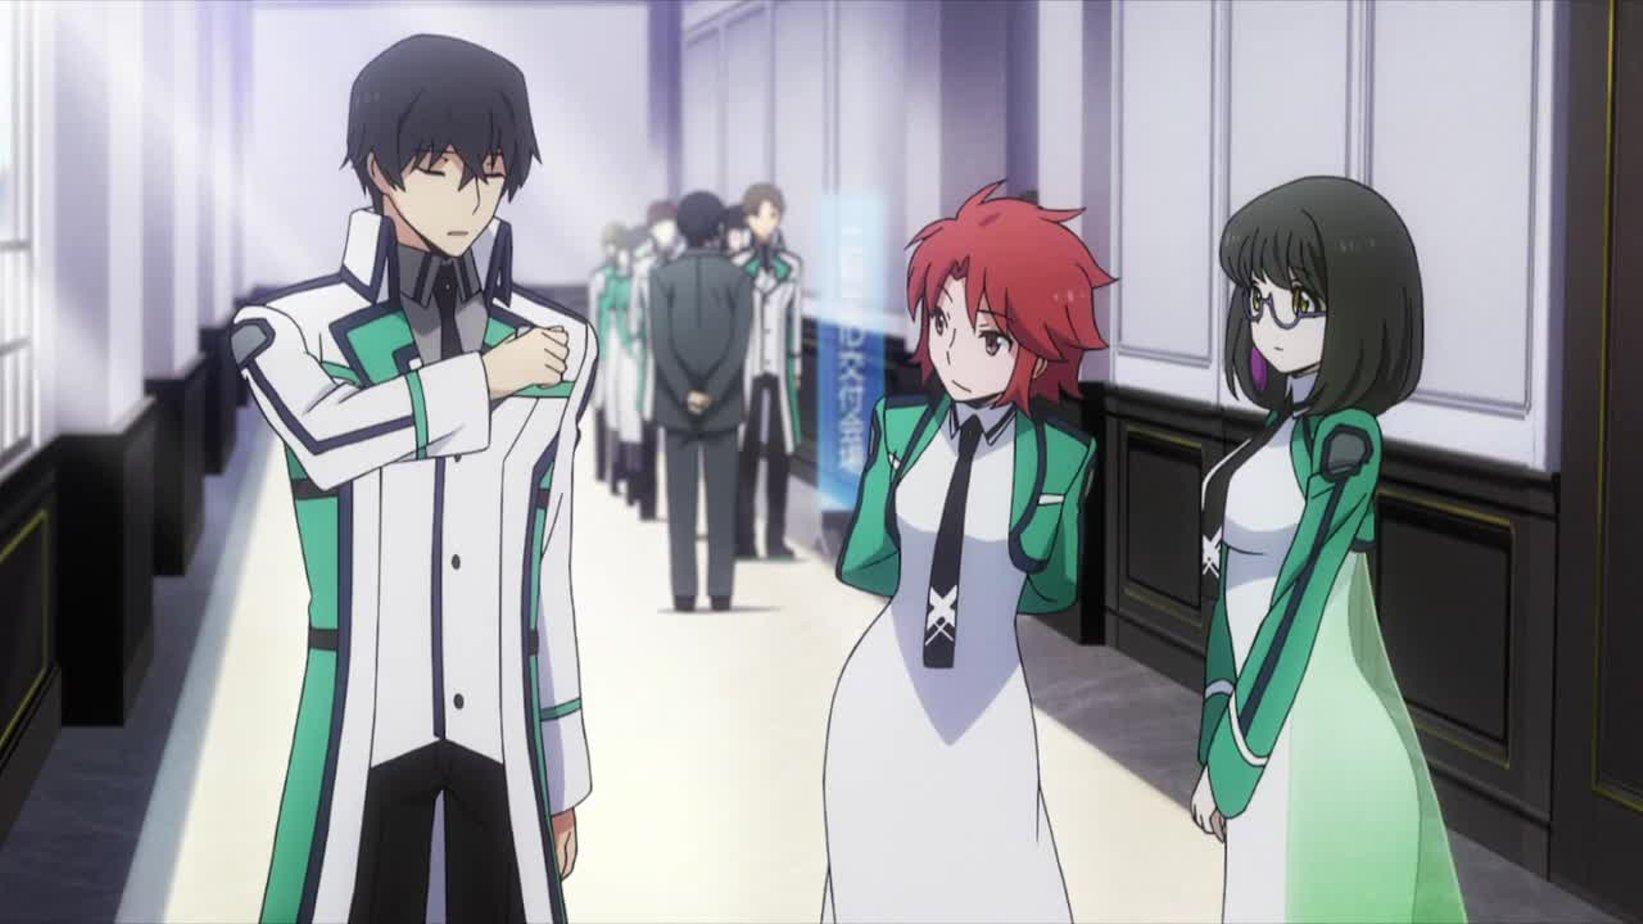 Аниме непутевый ученик в школе магии 1 сезон 2 серия гадание на картах дома самому себе